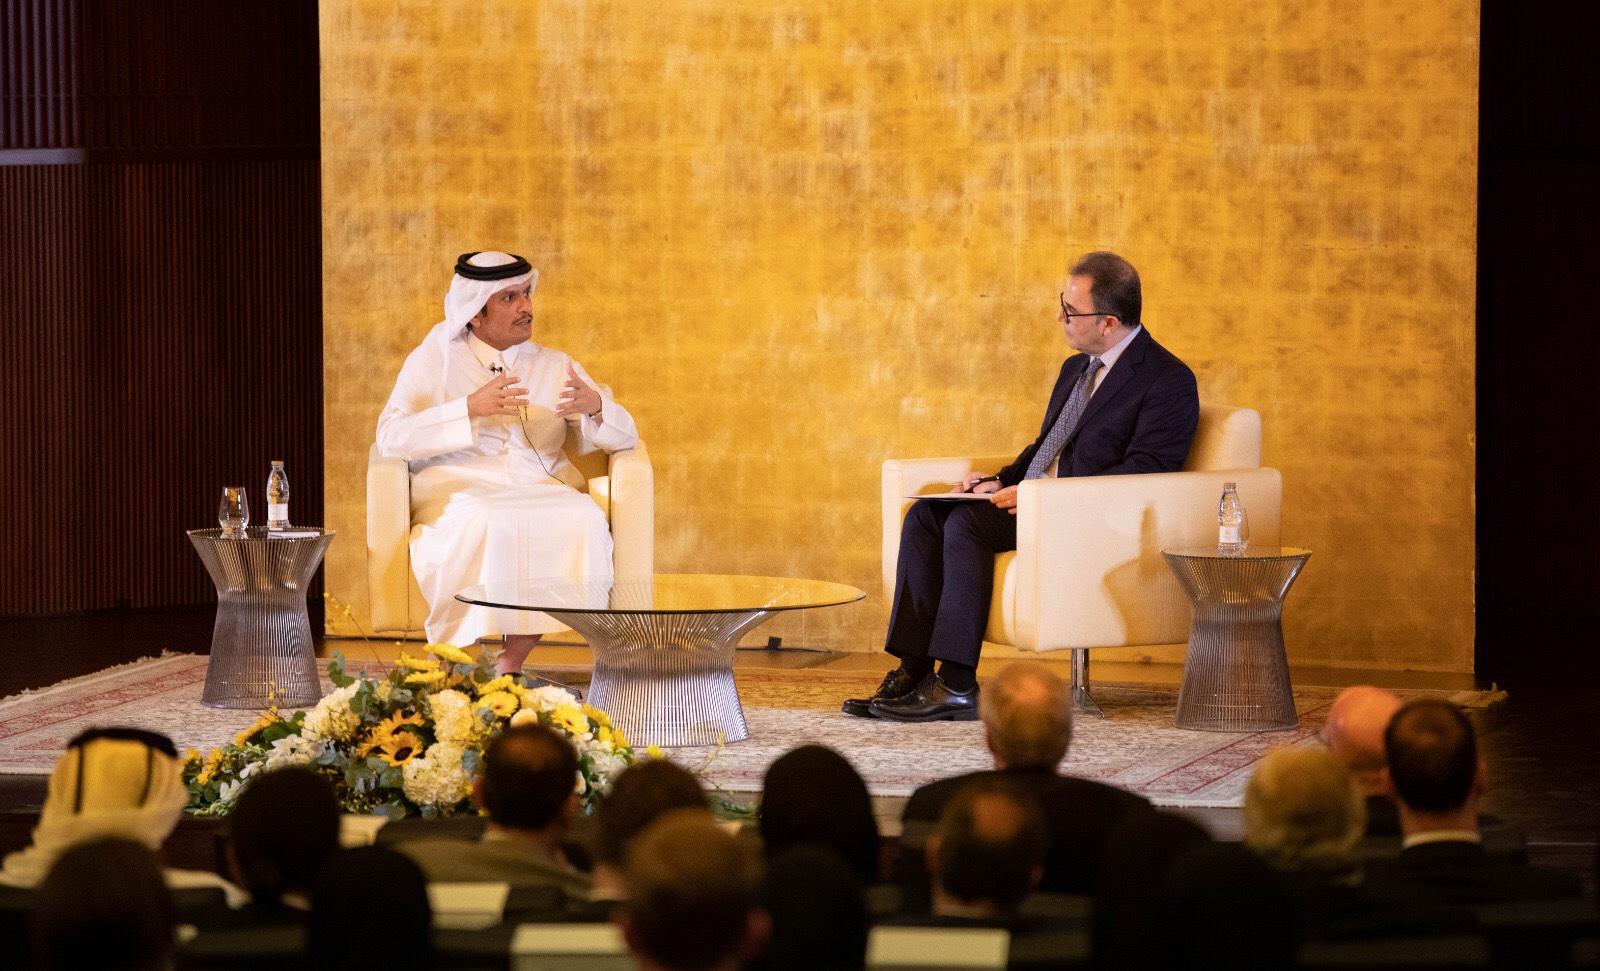 نائب رئيس مجلس الوزراء وزير الخارجية: الحصار نقطة تحول للجغرافية السياسية في المنطقة